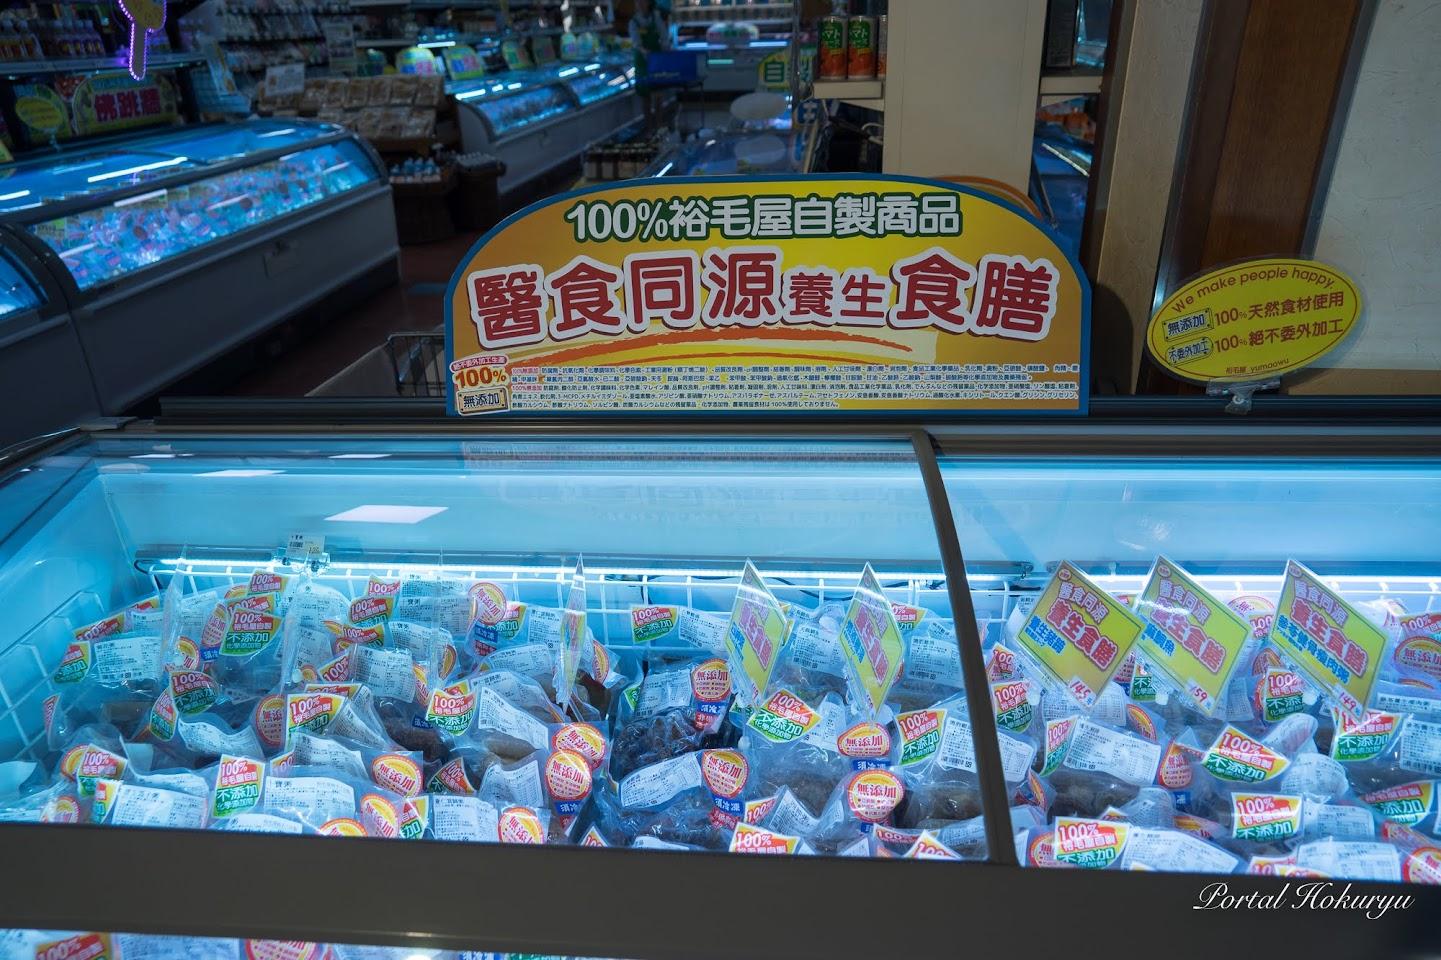 医食同源・100%天然食材使用